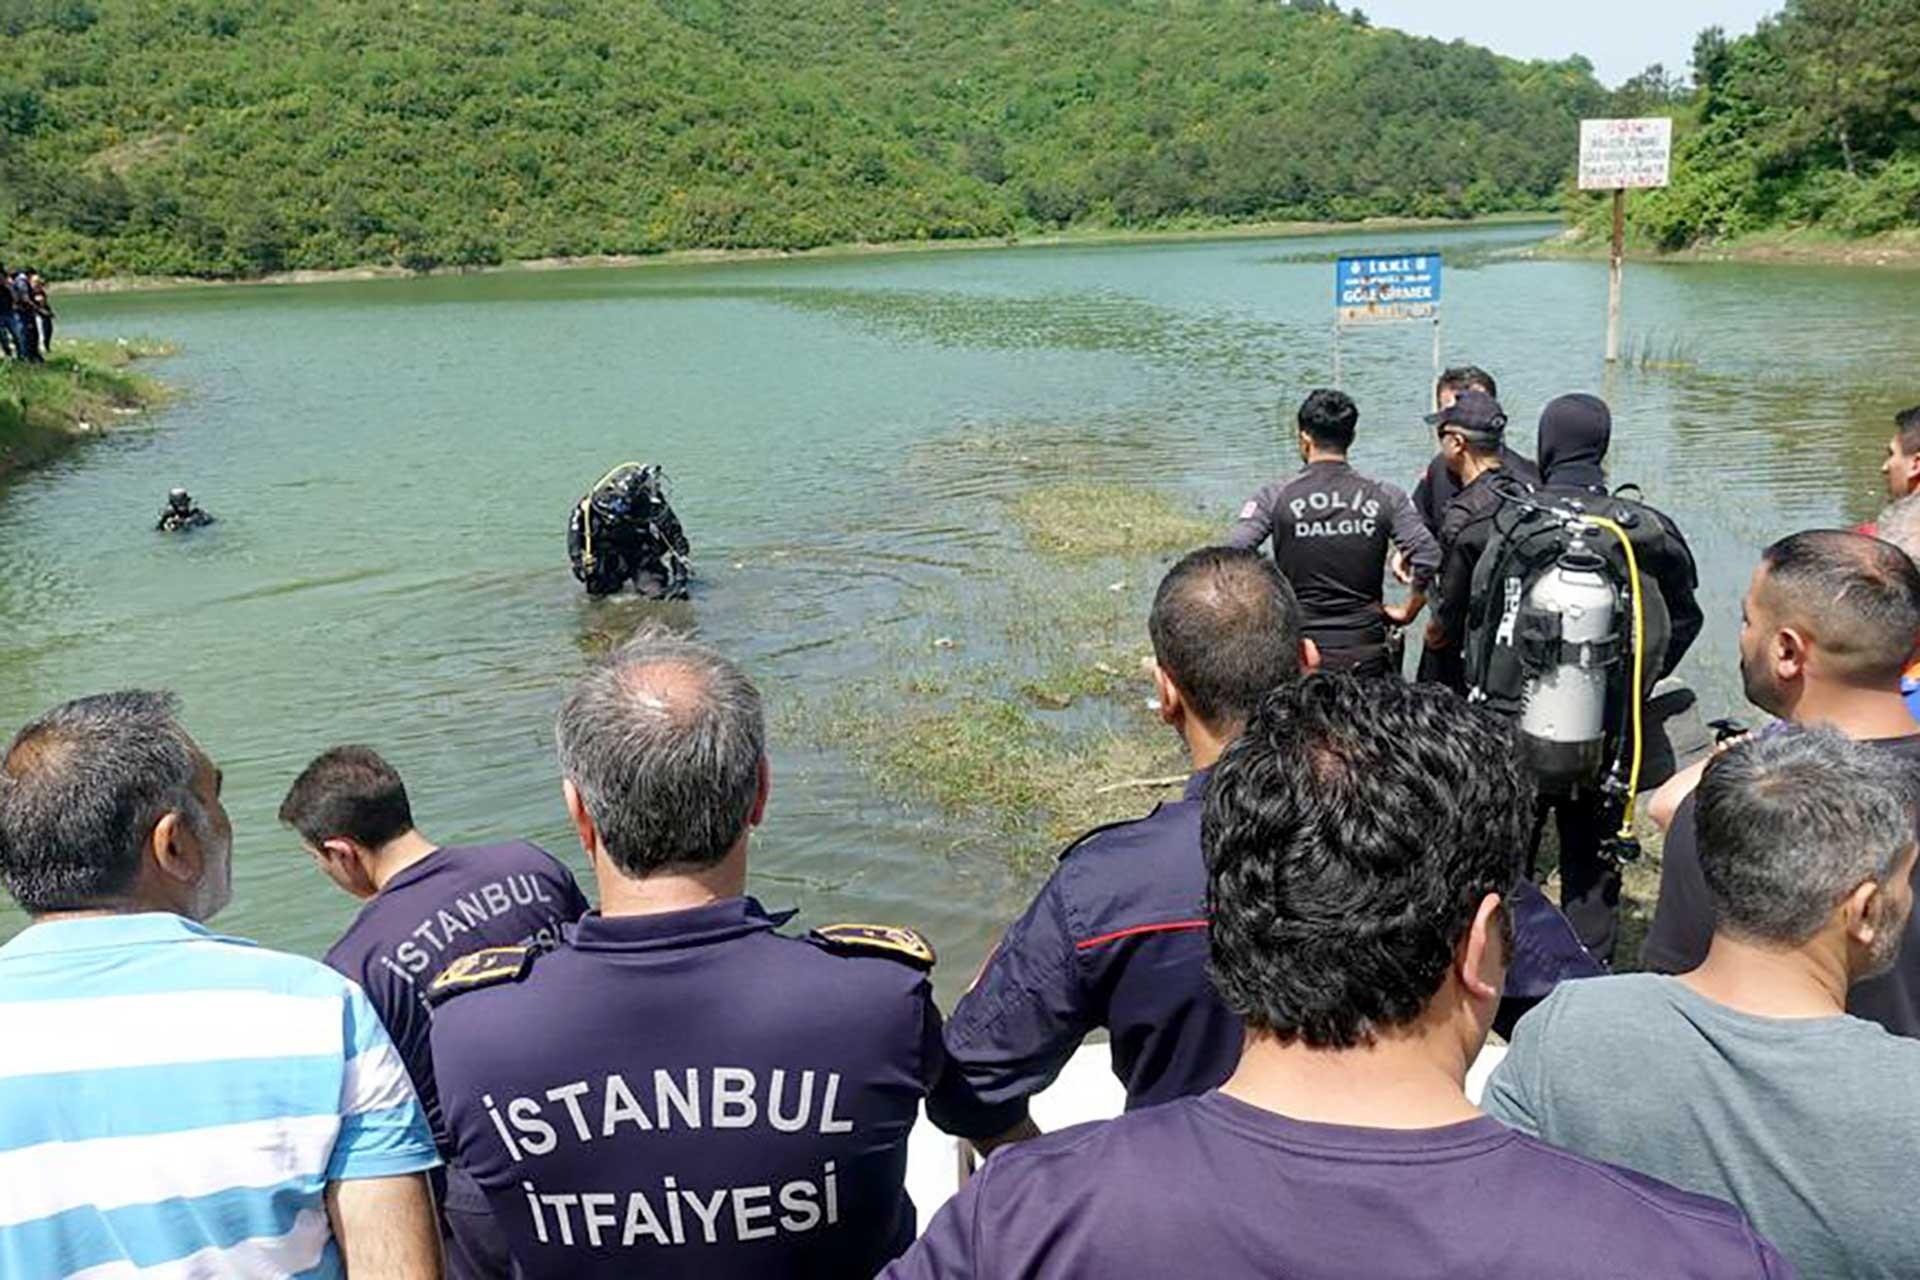 Alibeyköy Barajı'na giren iki çocuk boğularak yaşamını yitirdi